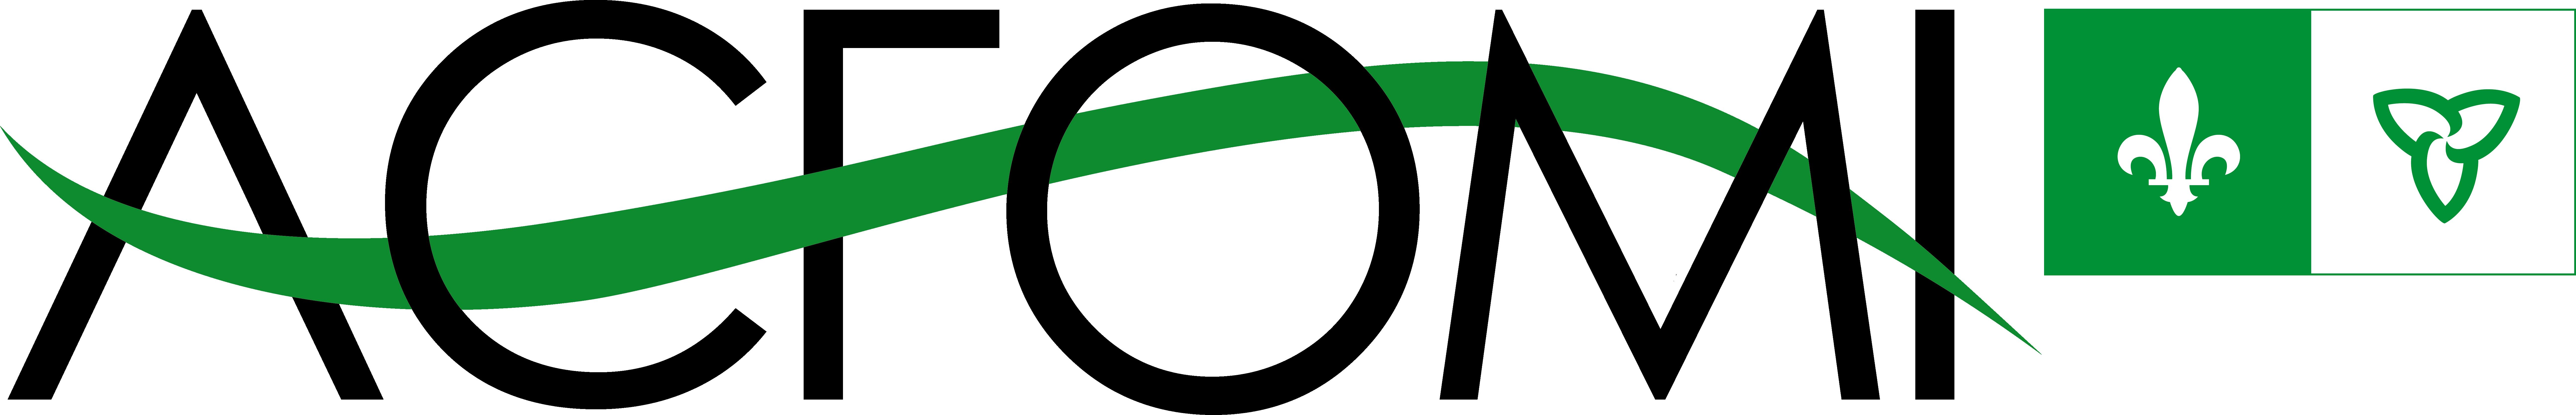 Association canadienne-française de l'Ontario - Conseil régional des Mille-Îles logo